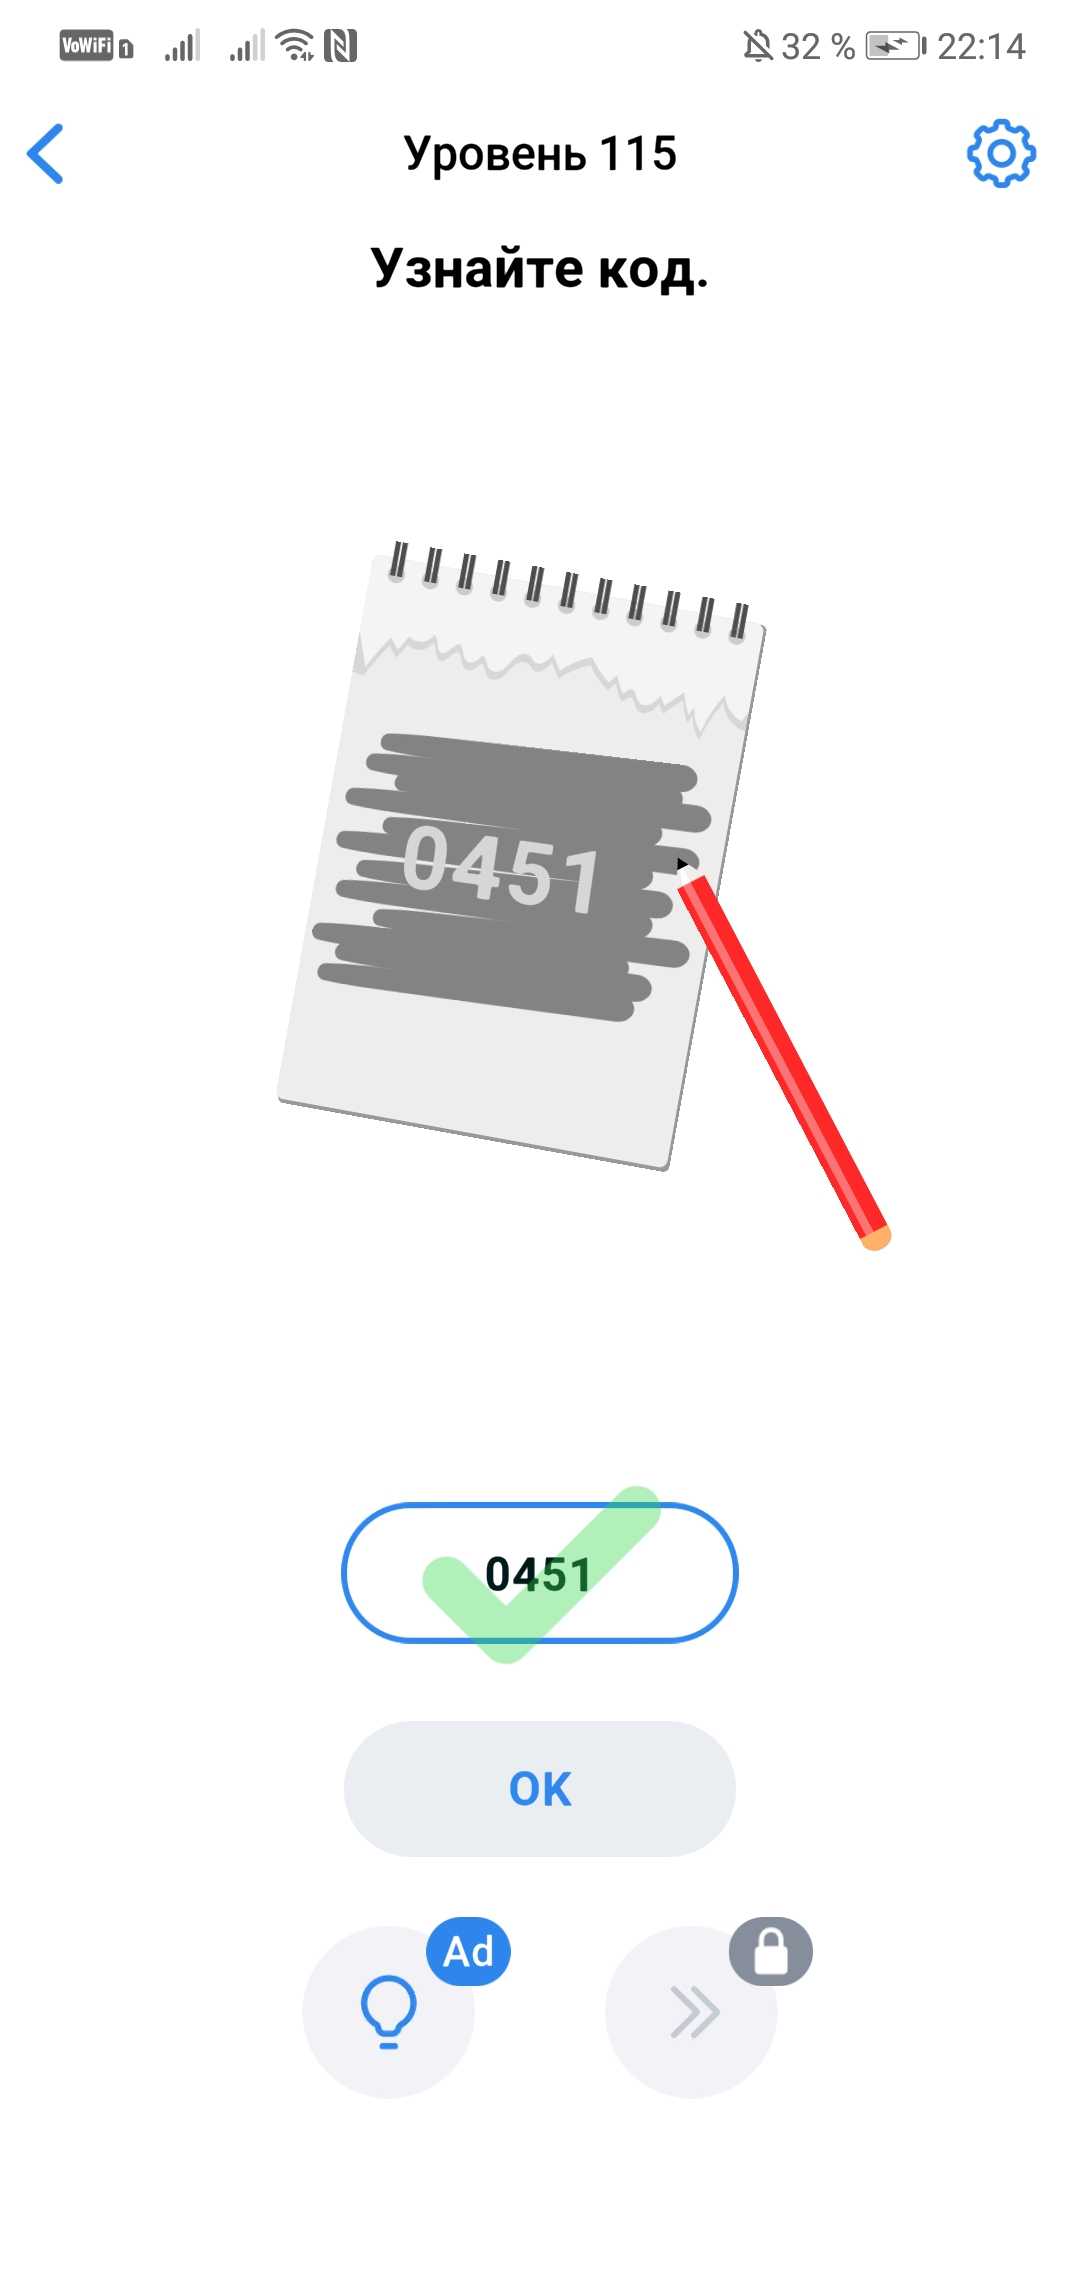 Easy Game - 115 уровень - Узнайте код.